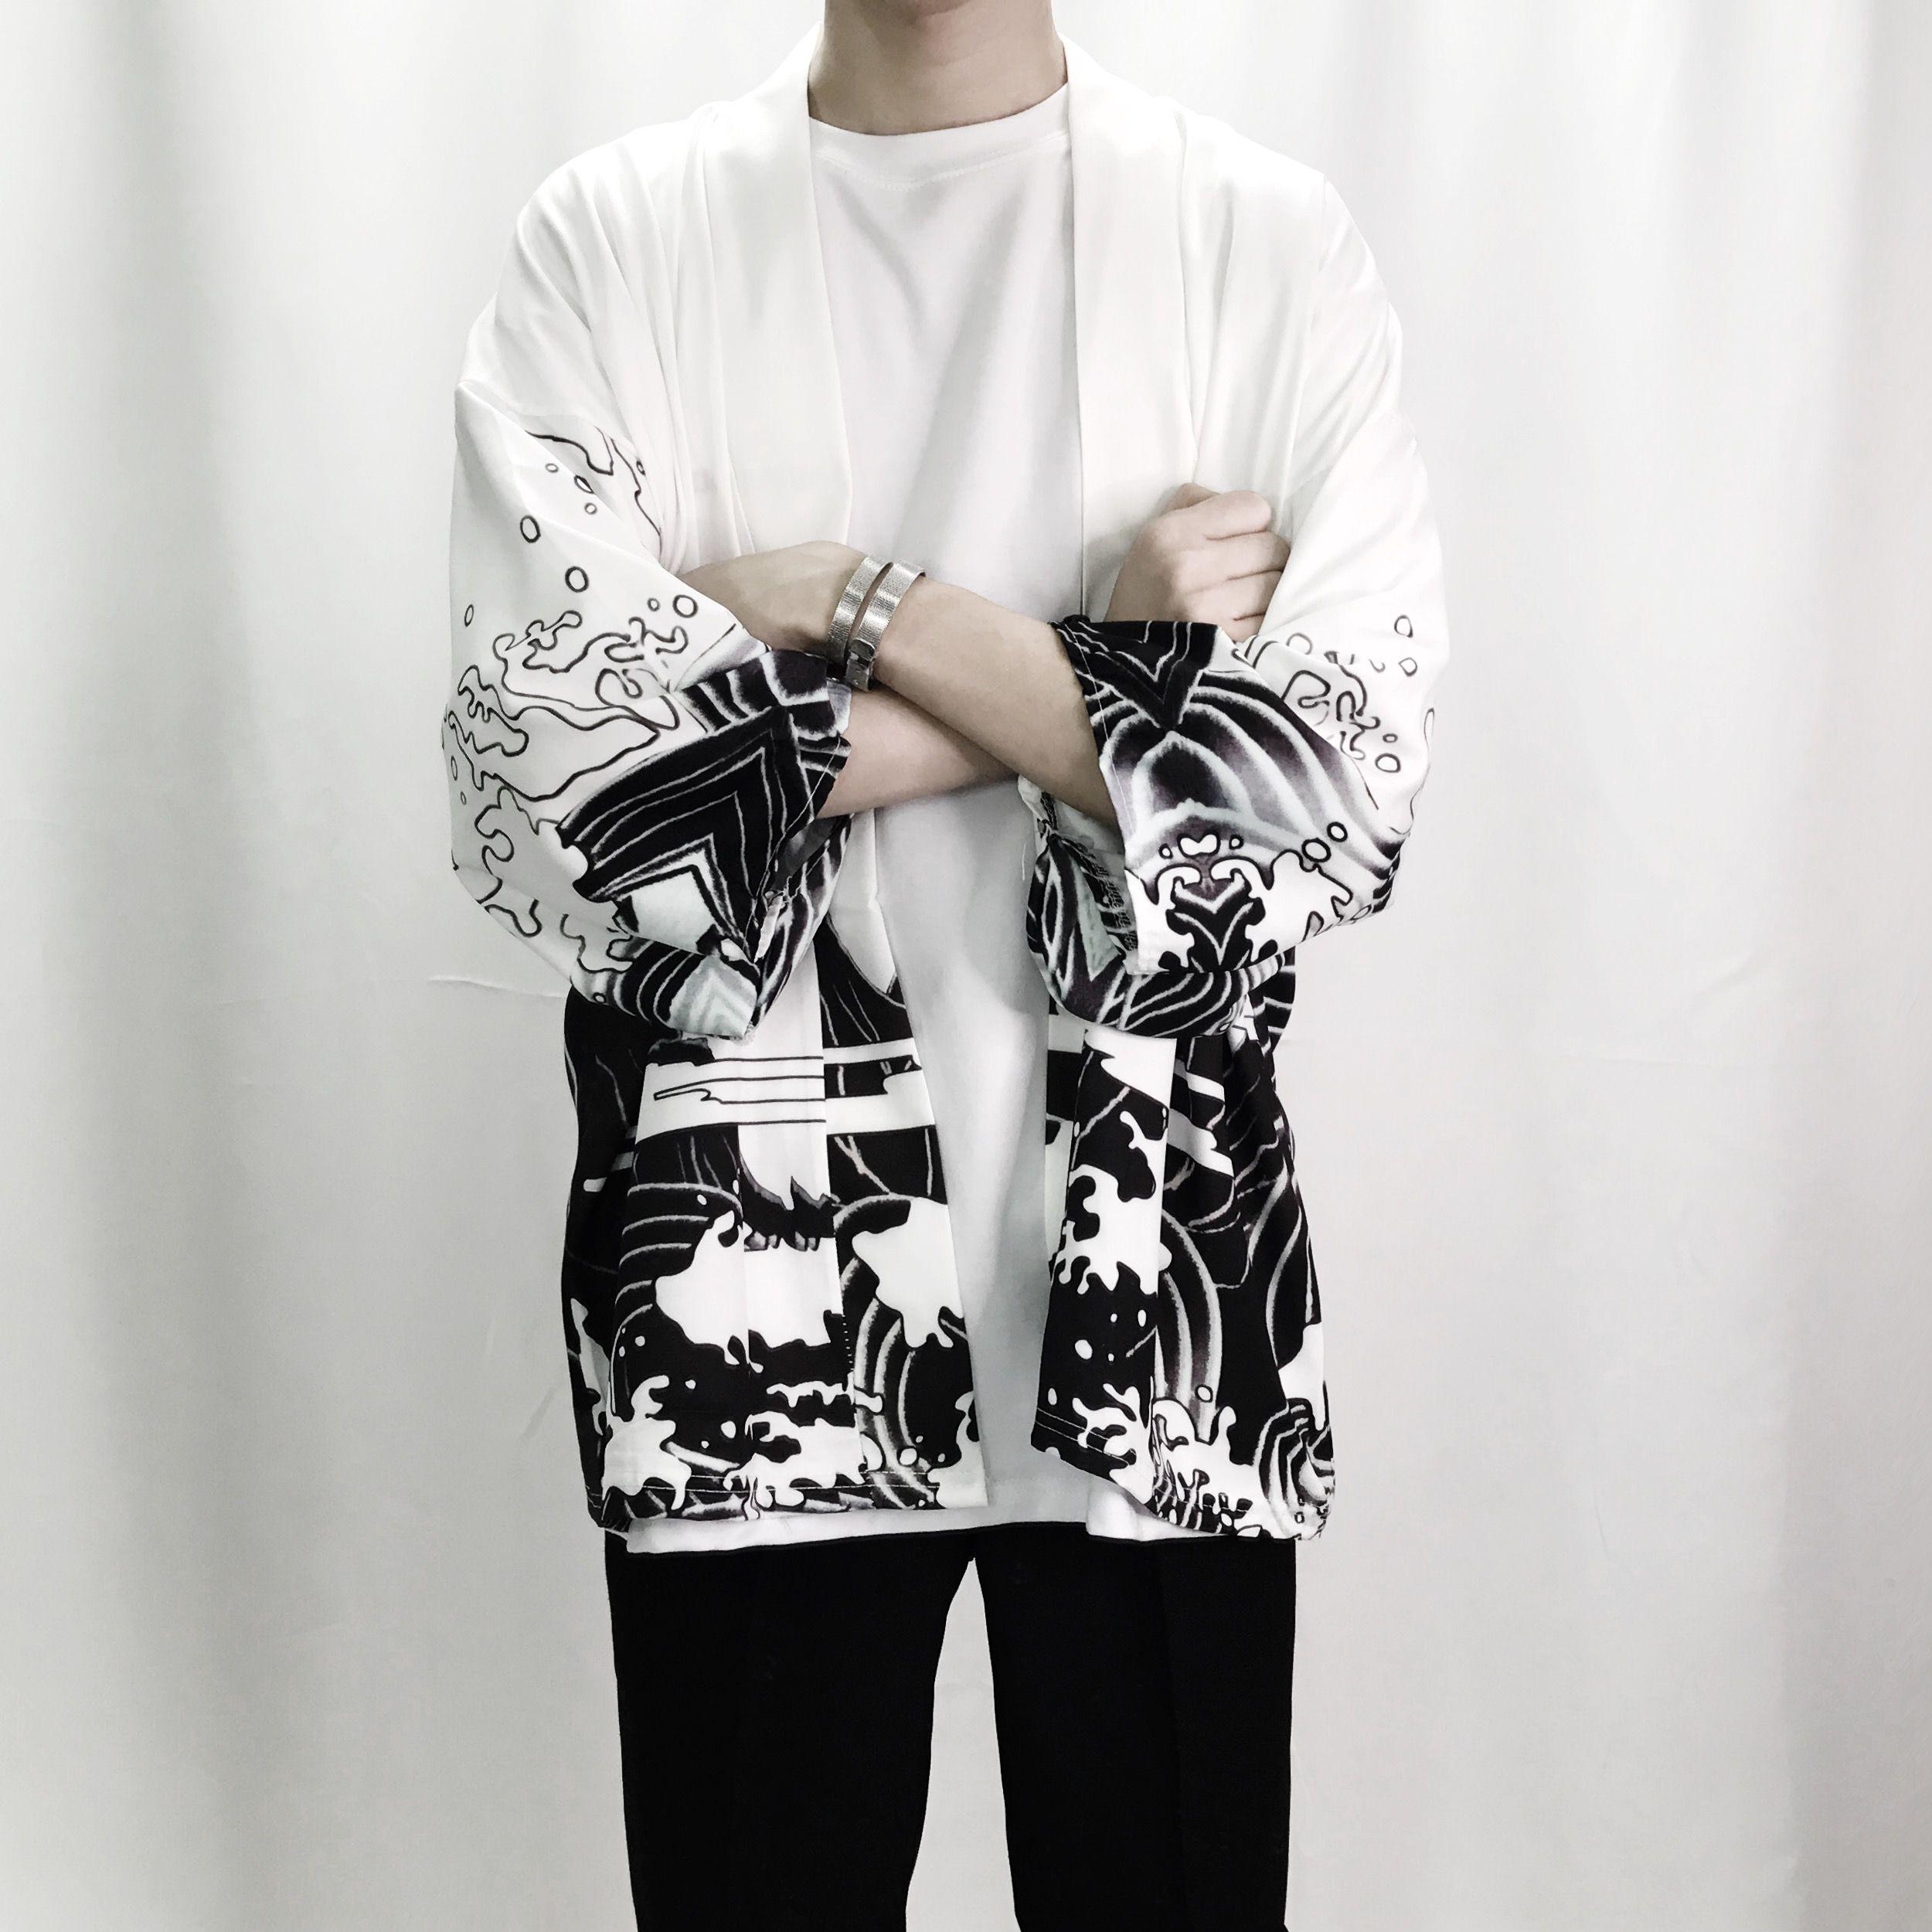 الأرثوذكسية جرو كيمياء buy japanese clothes online